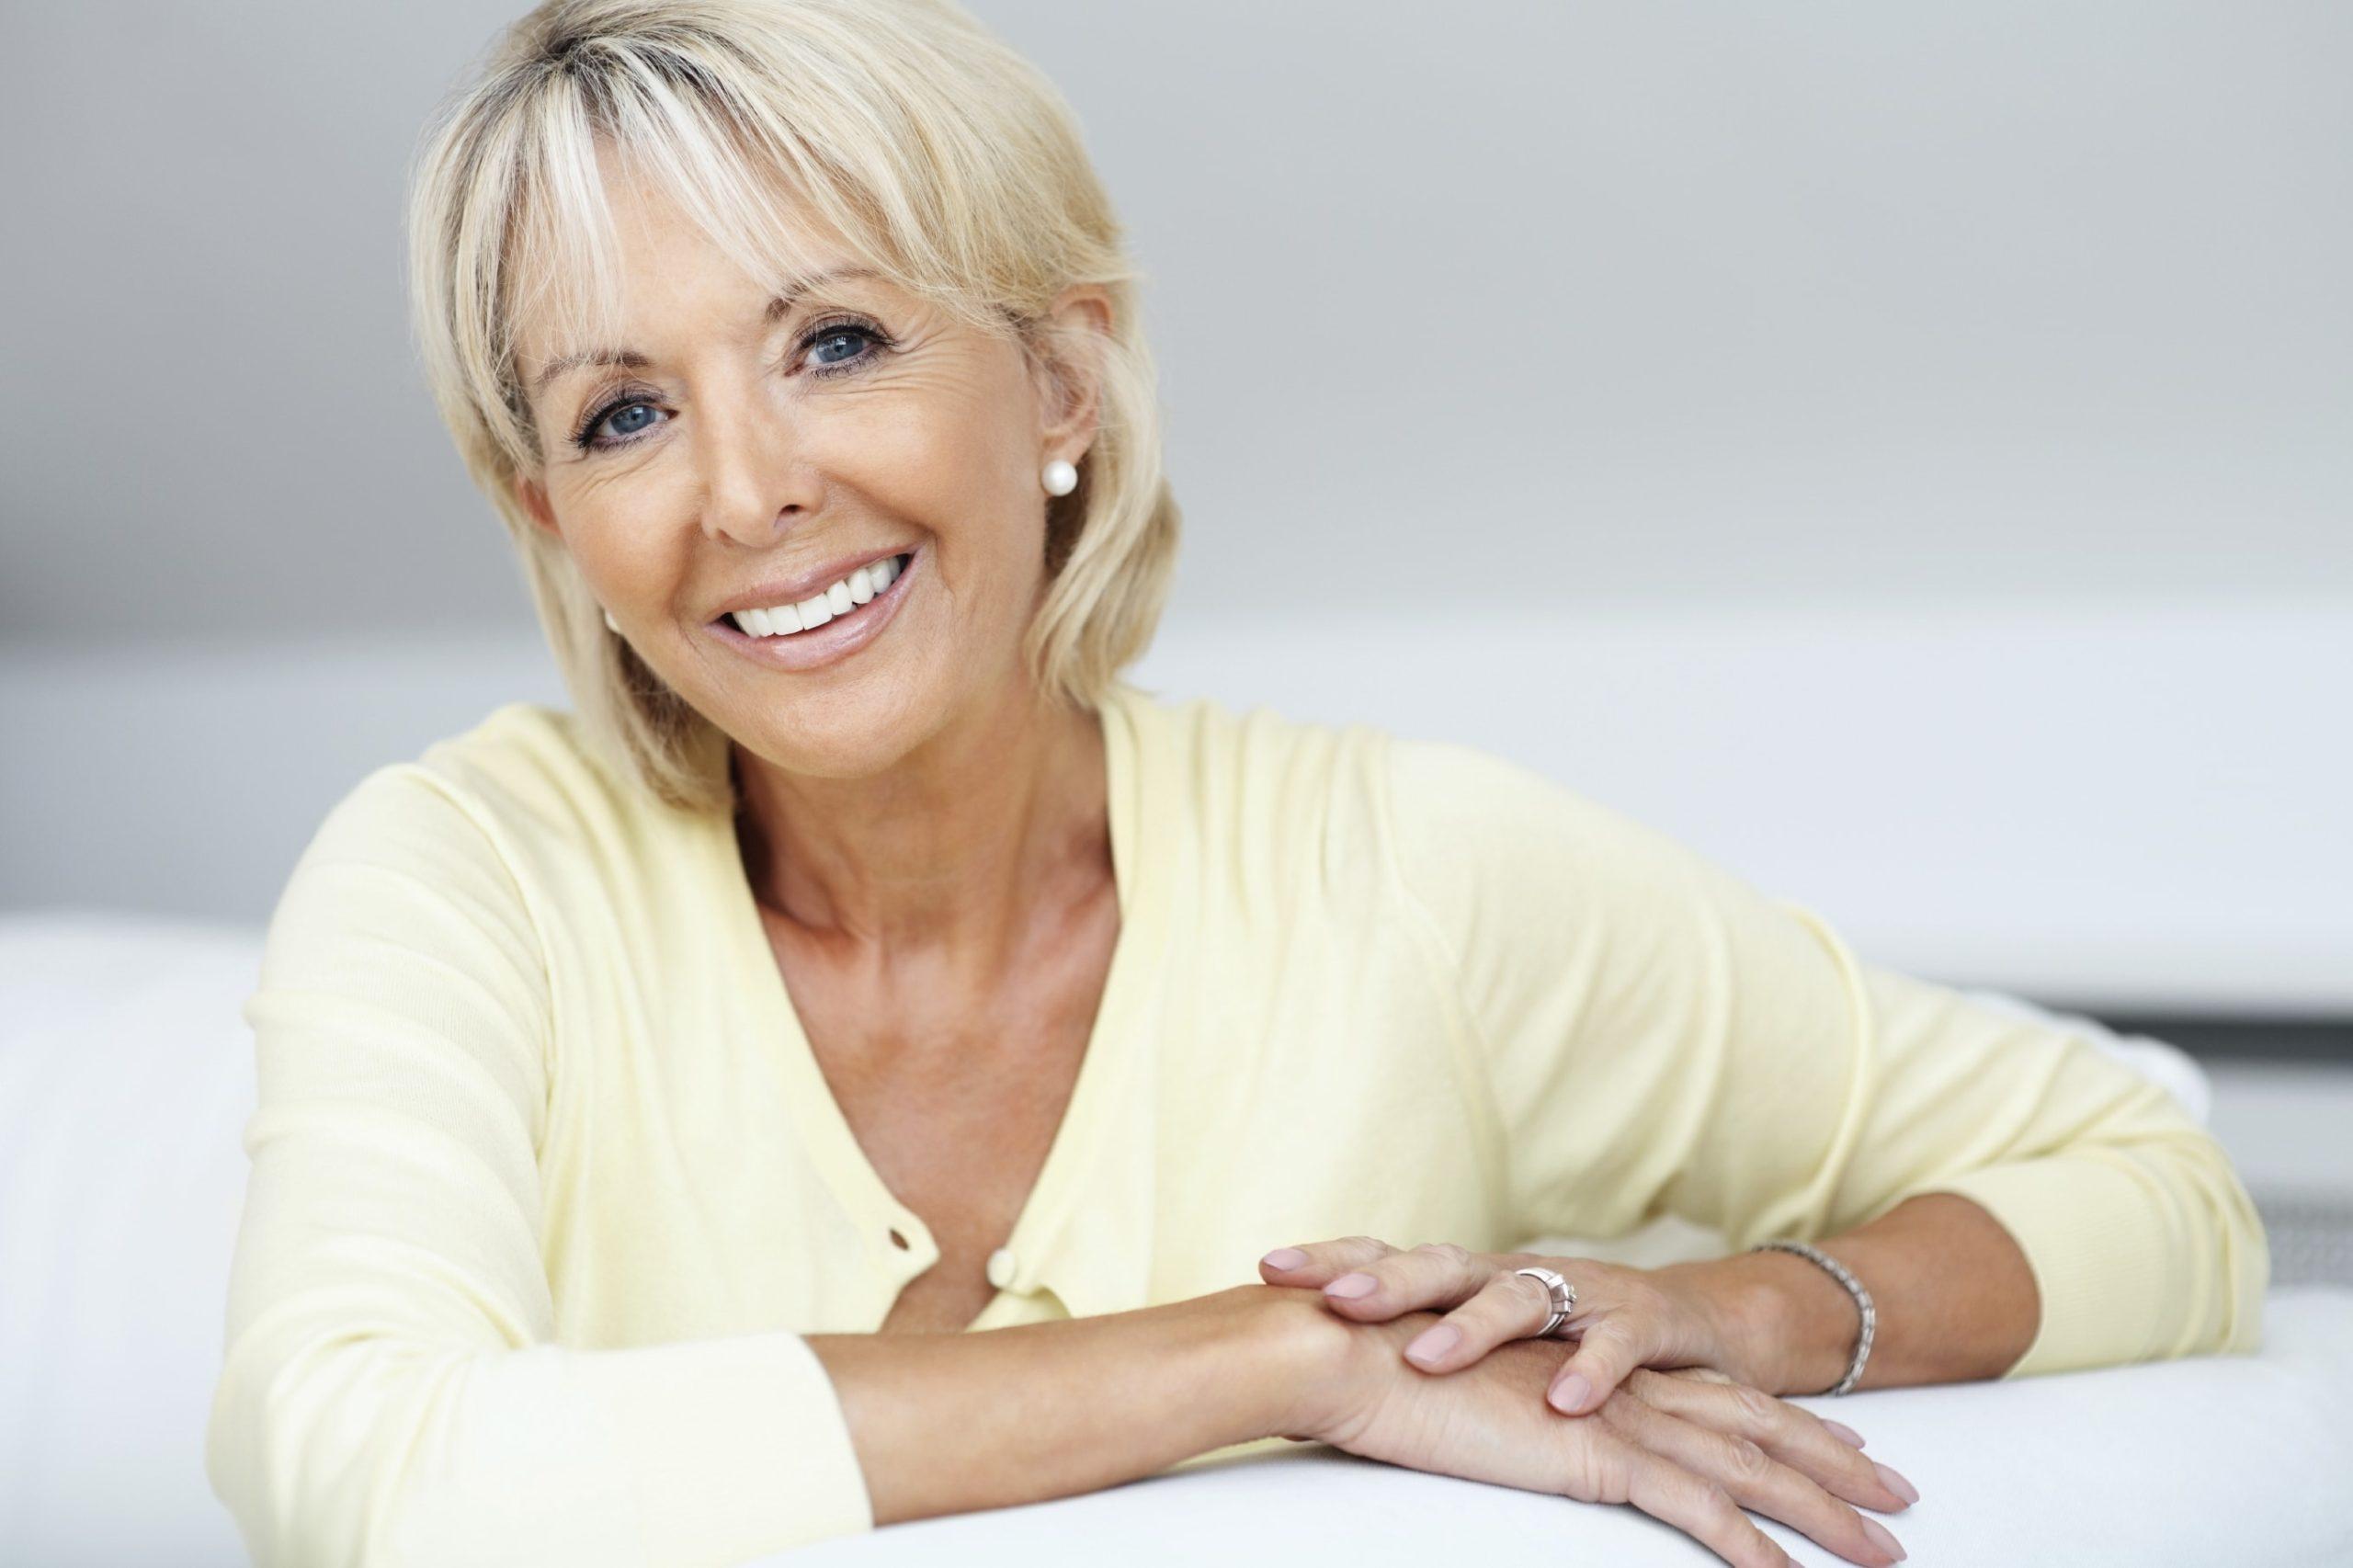 Program de pierdere în greutate pentru femei de 50 de ani